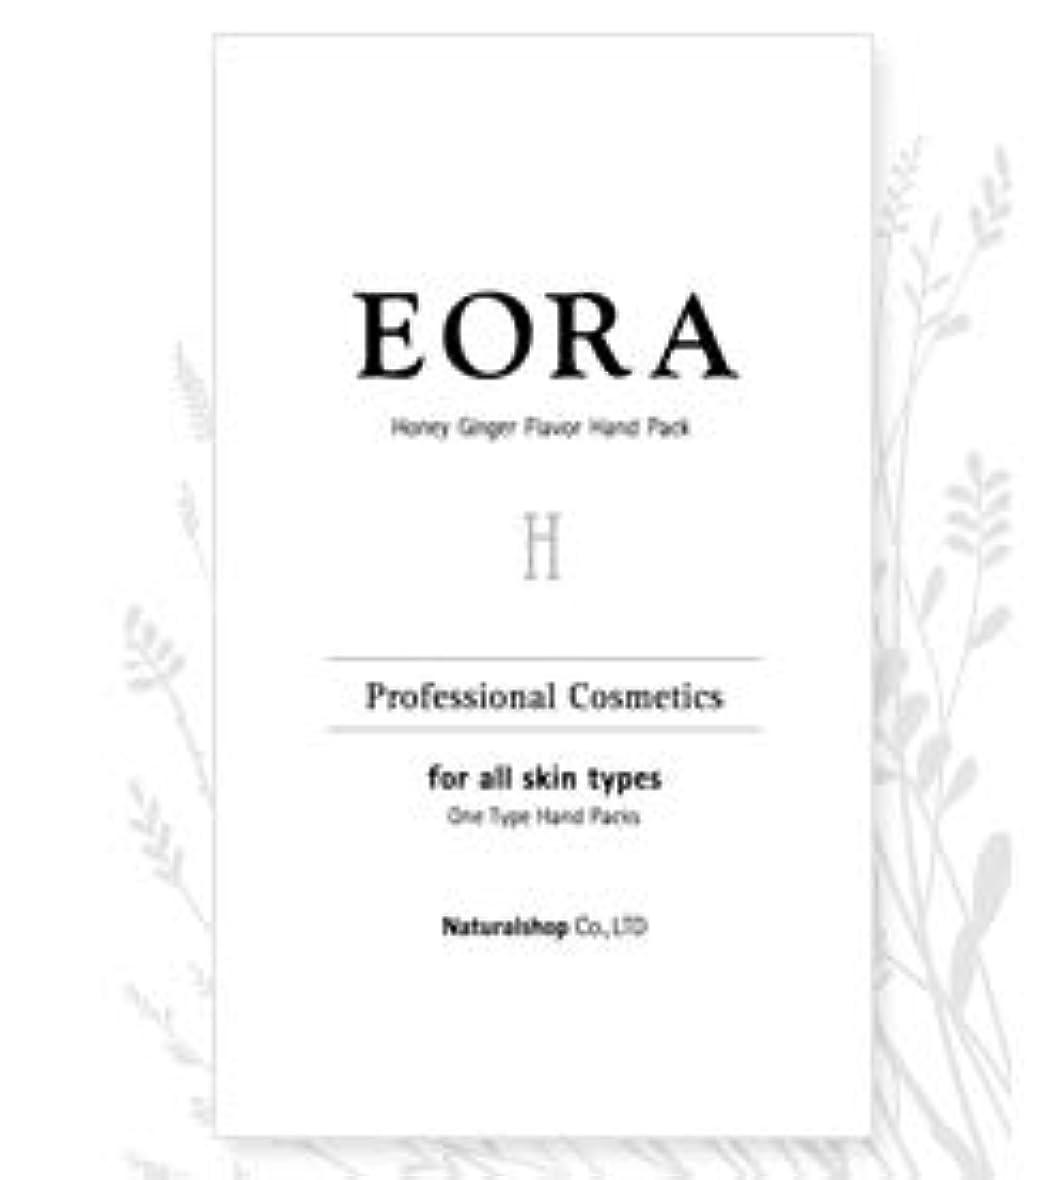 トライアスリート見習い特徴EORA(エオラ) ハンドパック ハニージンジャー 10枚入